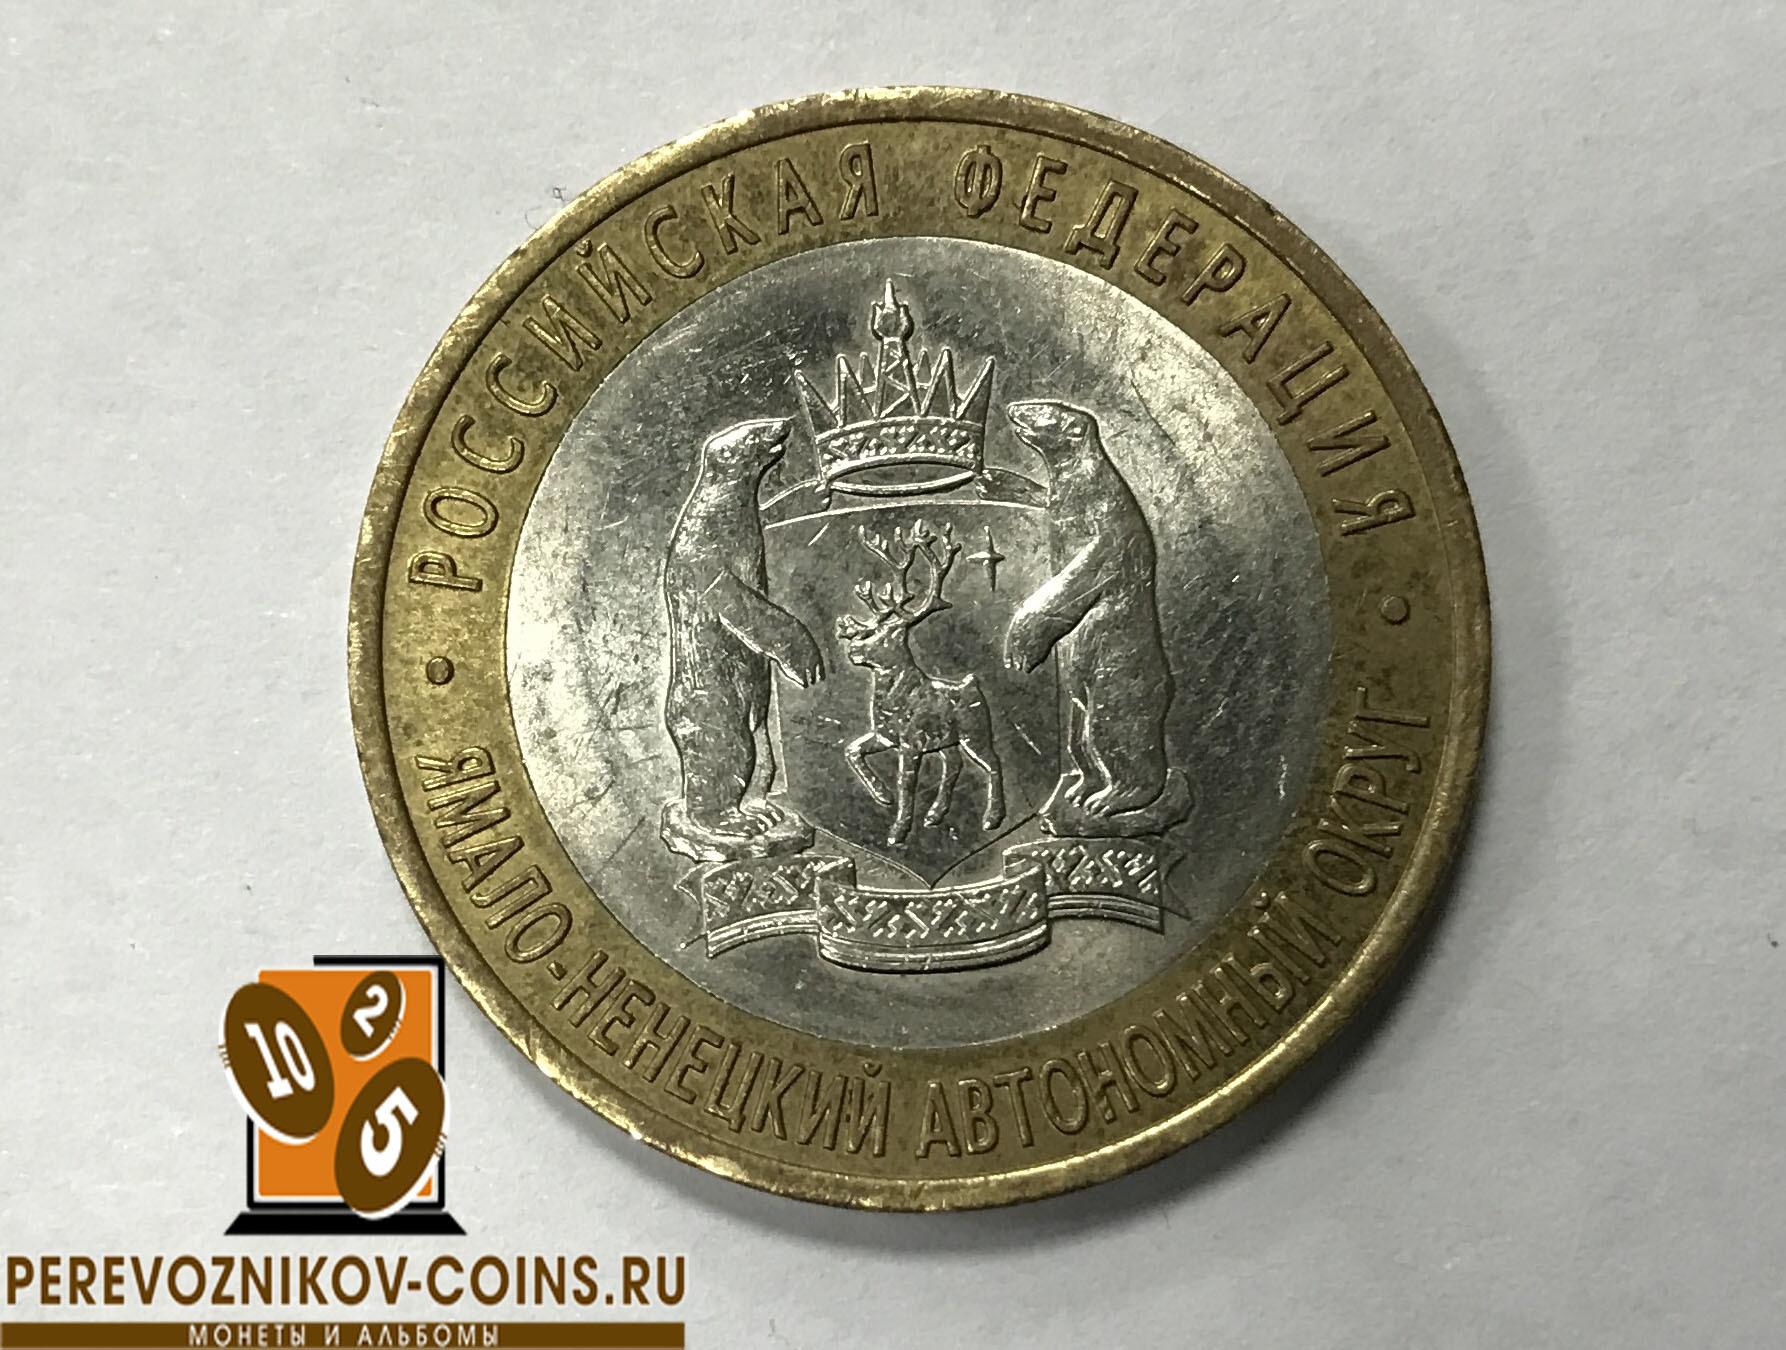 10 рублей Ямало-Ненецкий автономный округ 2010 г. (СКИДКА)